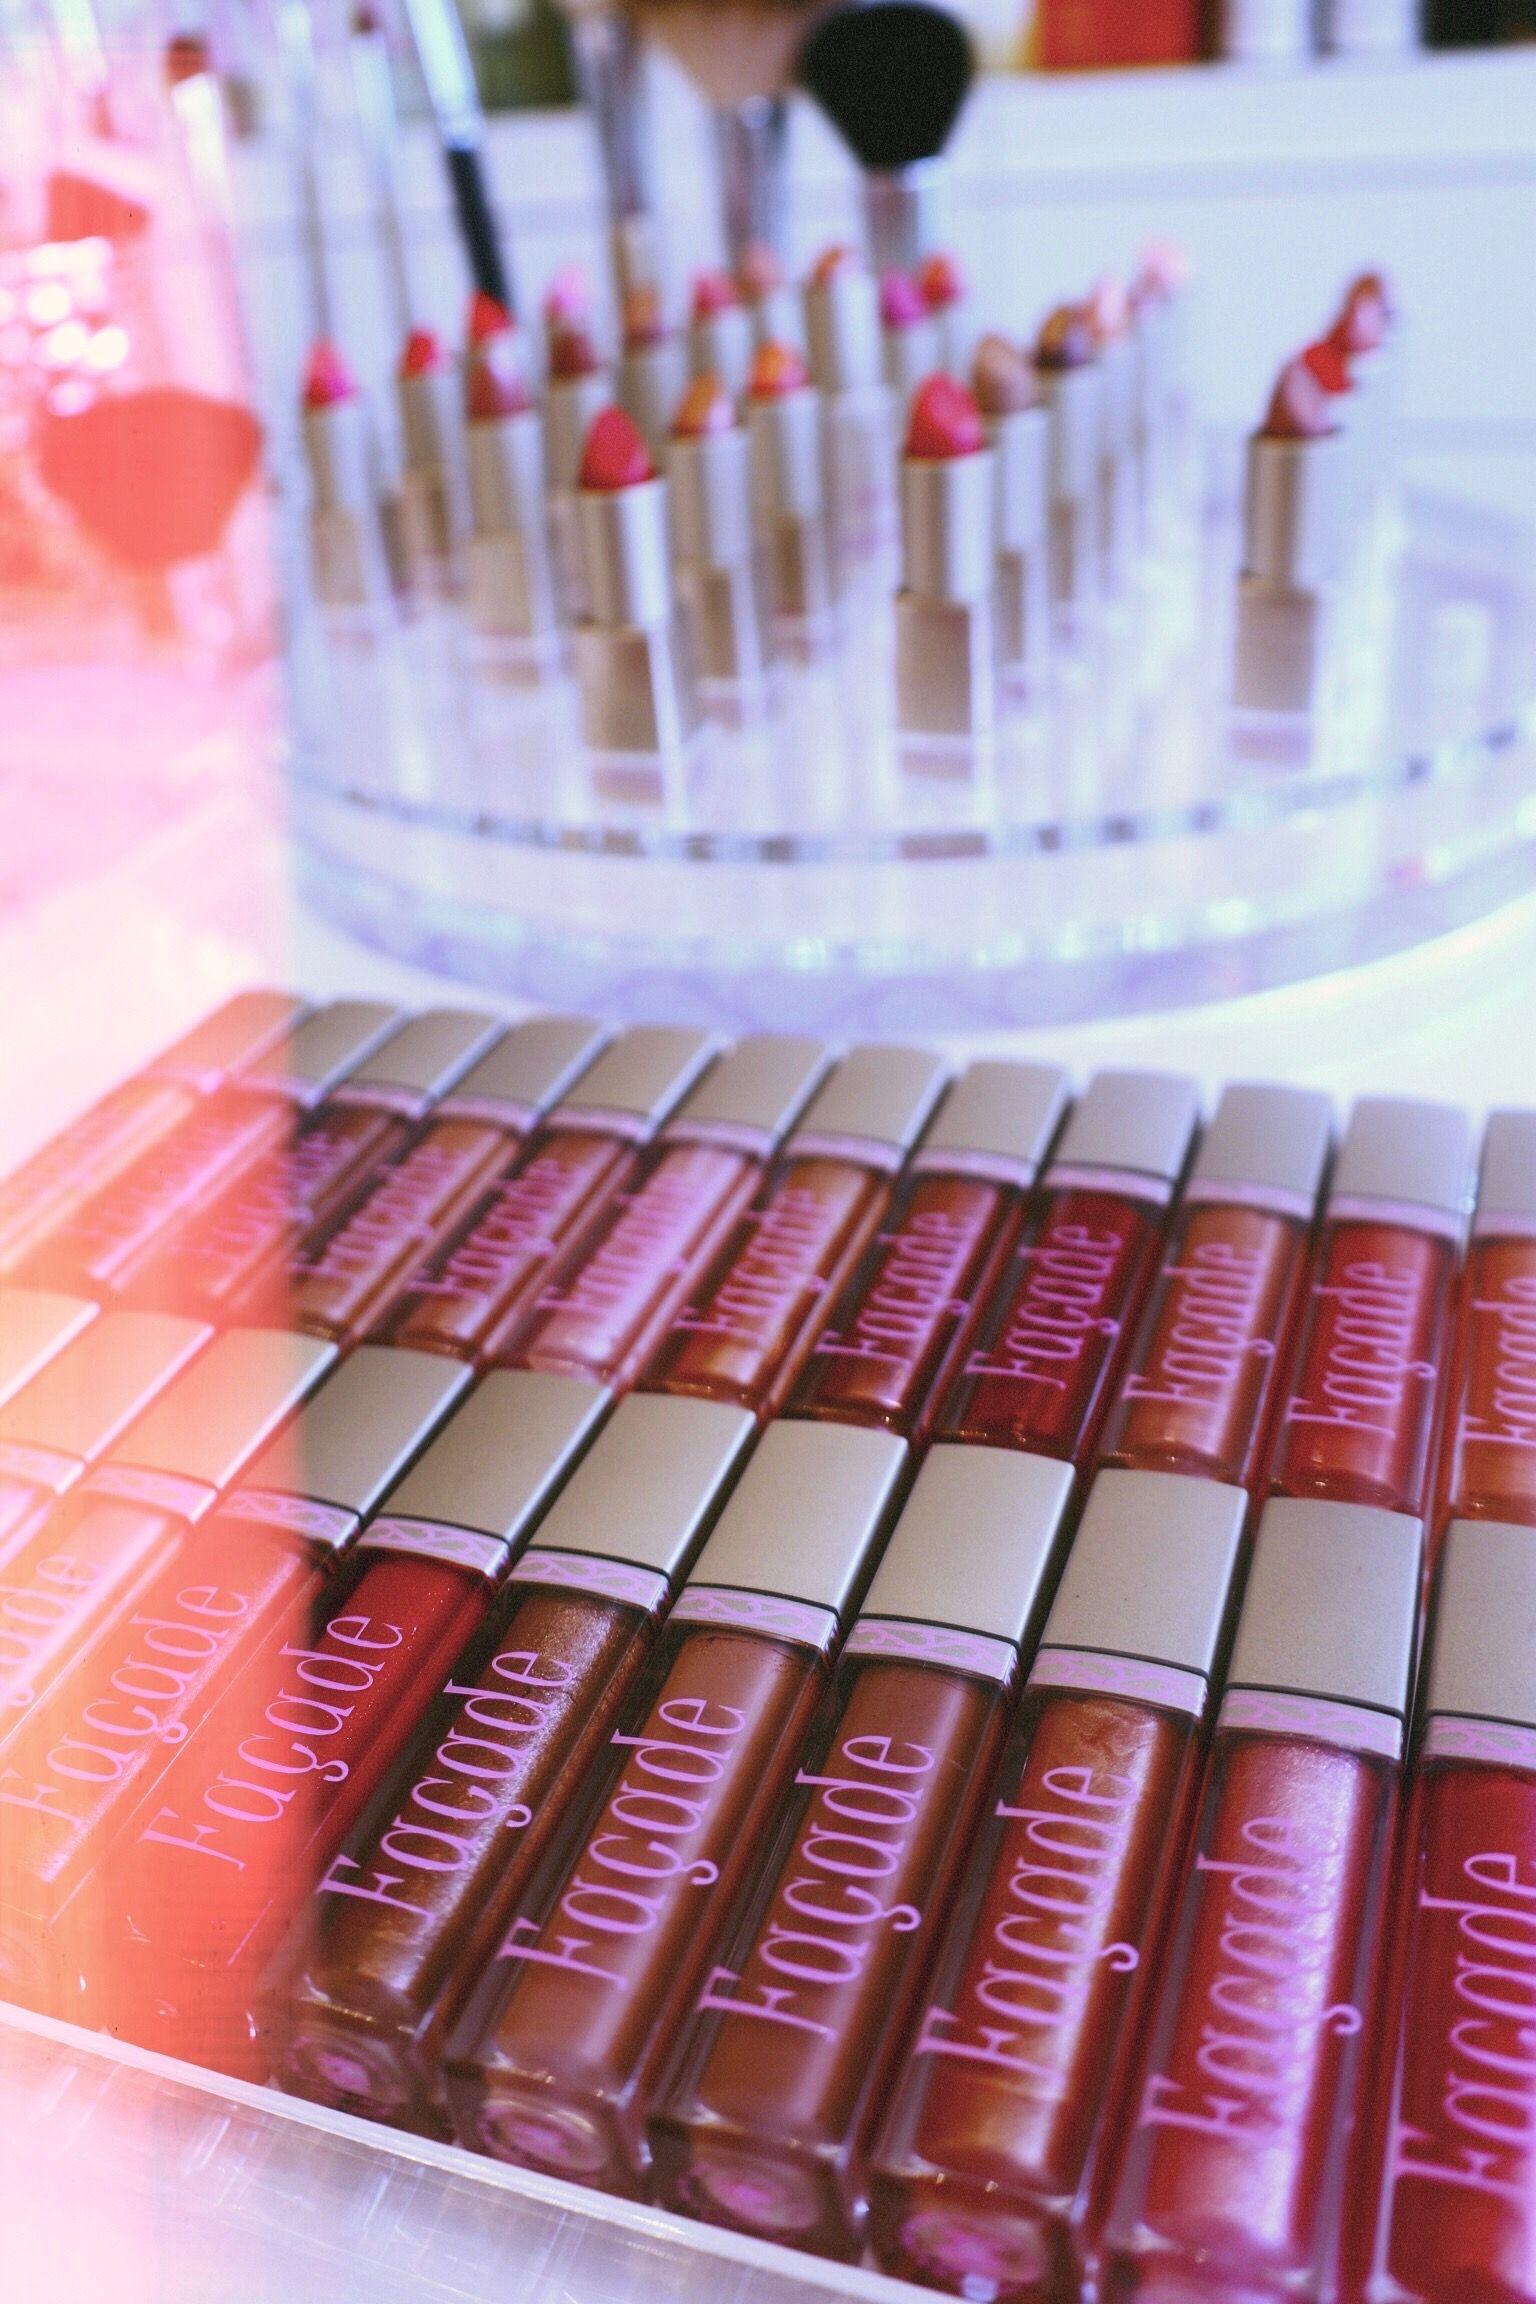 Façade Beauty lipgloss & lipsticks! Makeup inspo, Wet